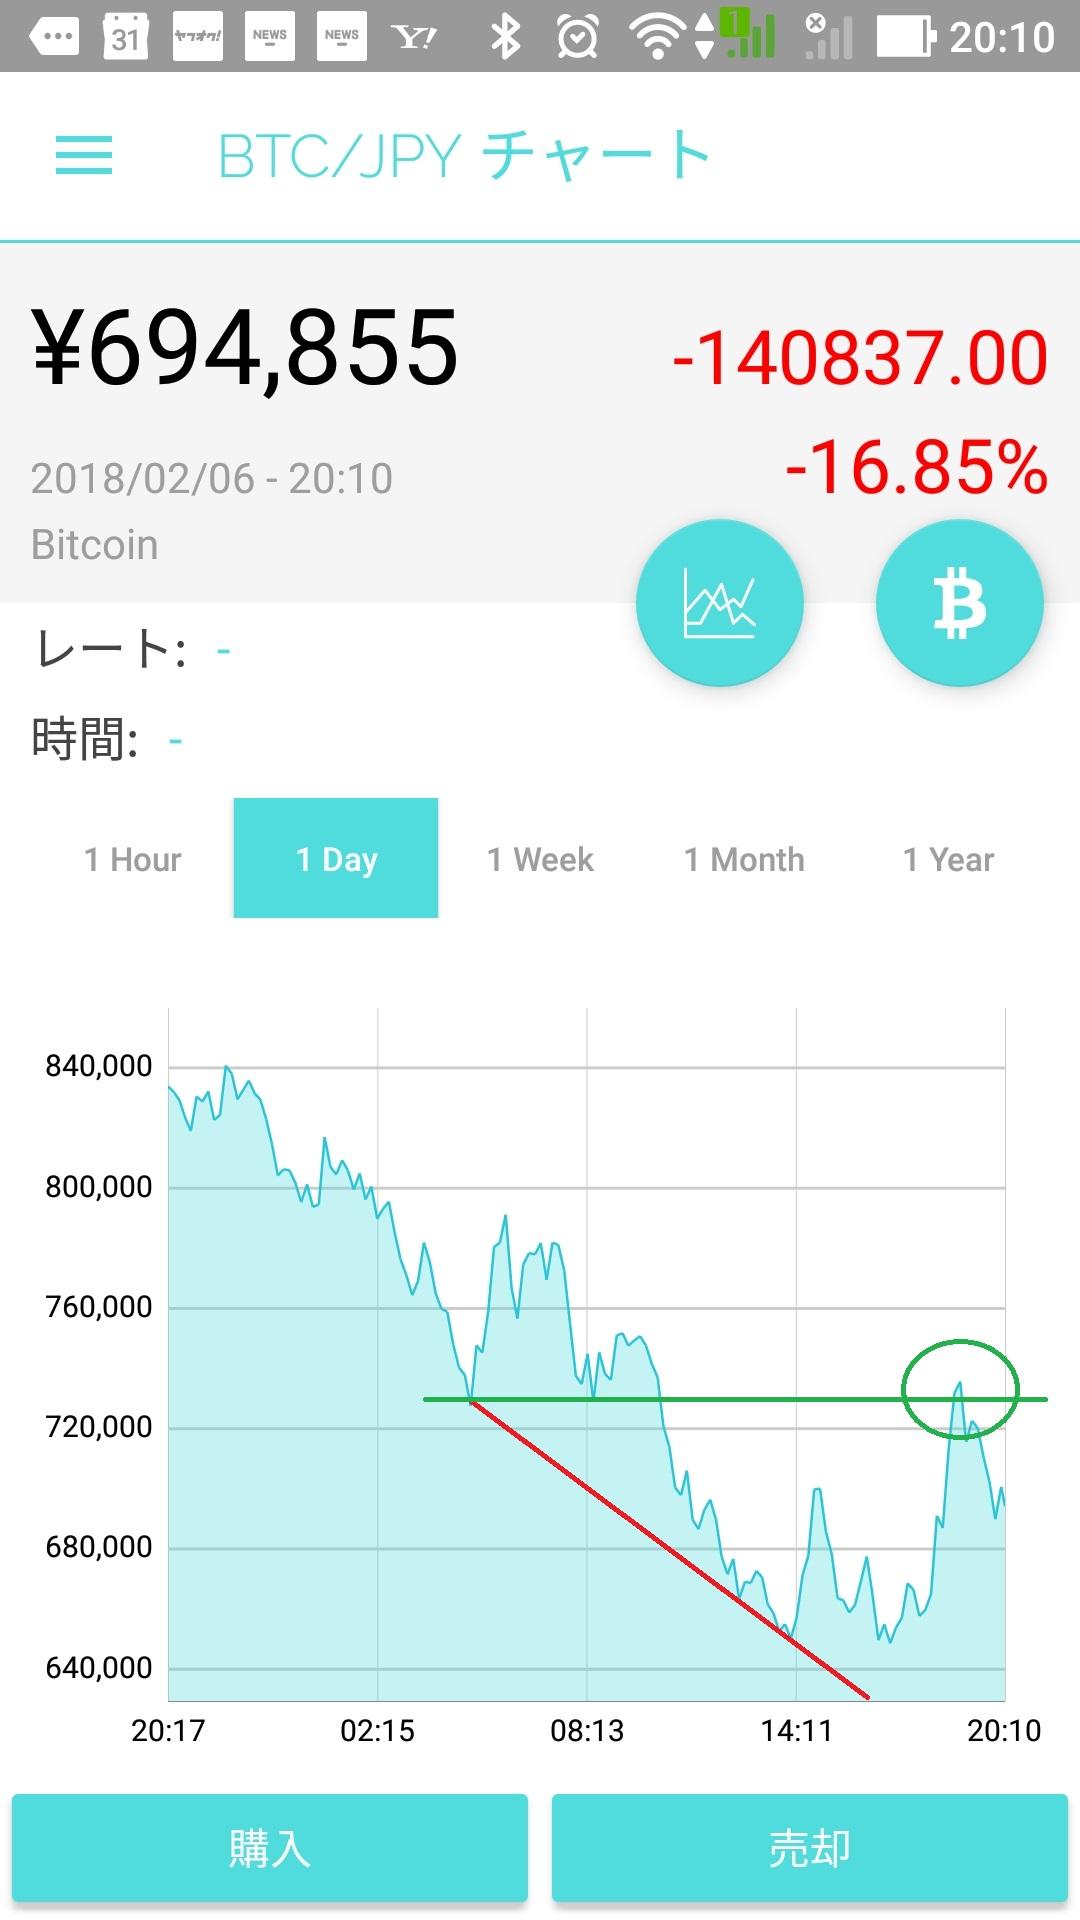 BTC1day - 日経平均の長期予想!仮想通貨とスパイラル暴落か?今後の見通し